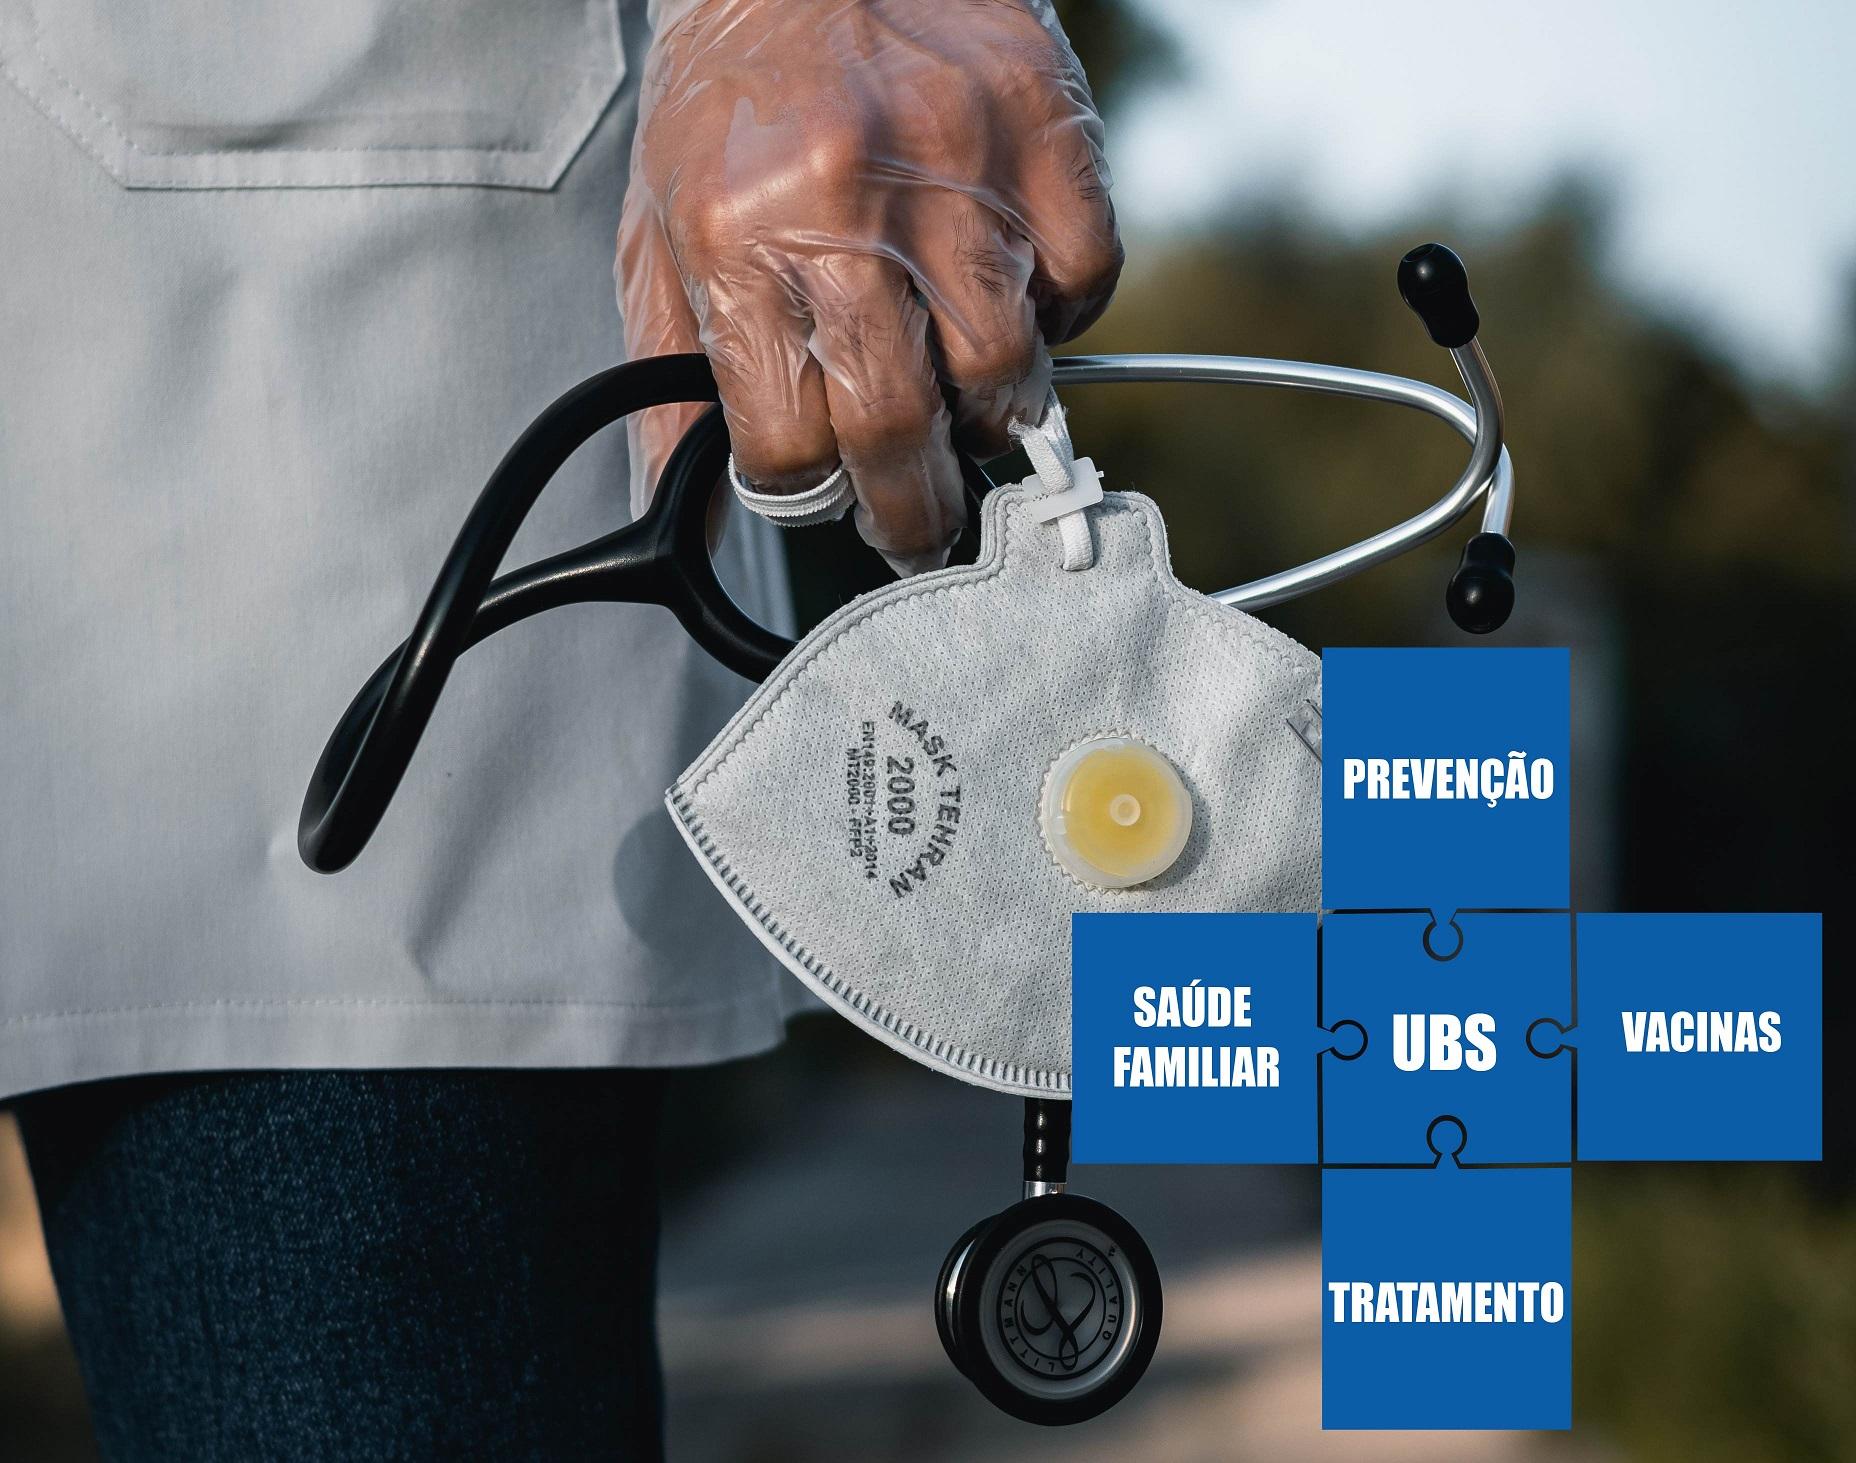 Planos devem R$ 2,9 bi ao SUS; valor pagaria 58 milhões de doses de vacina